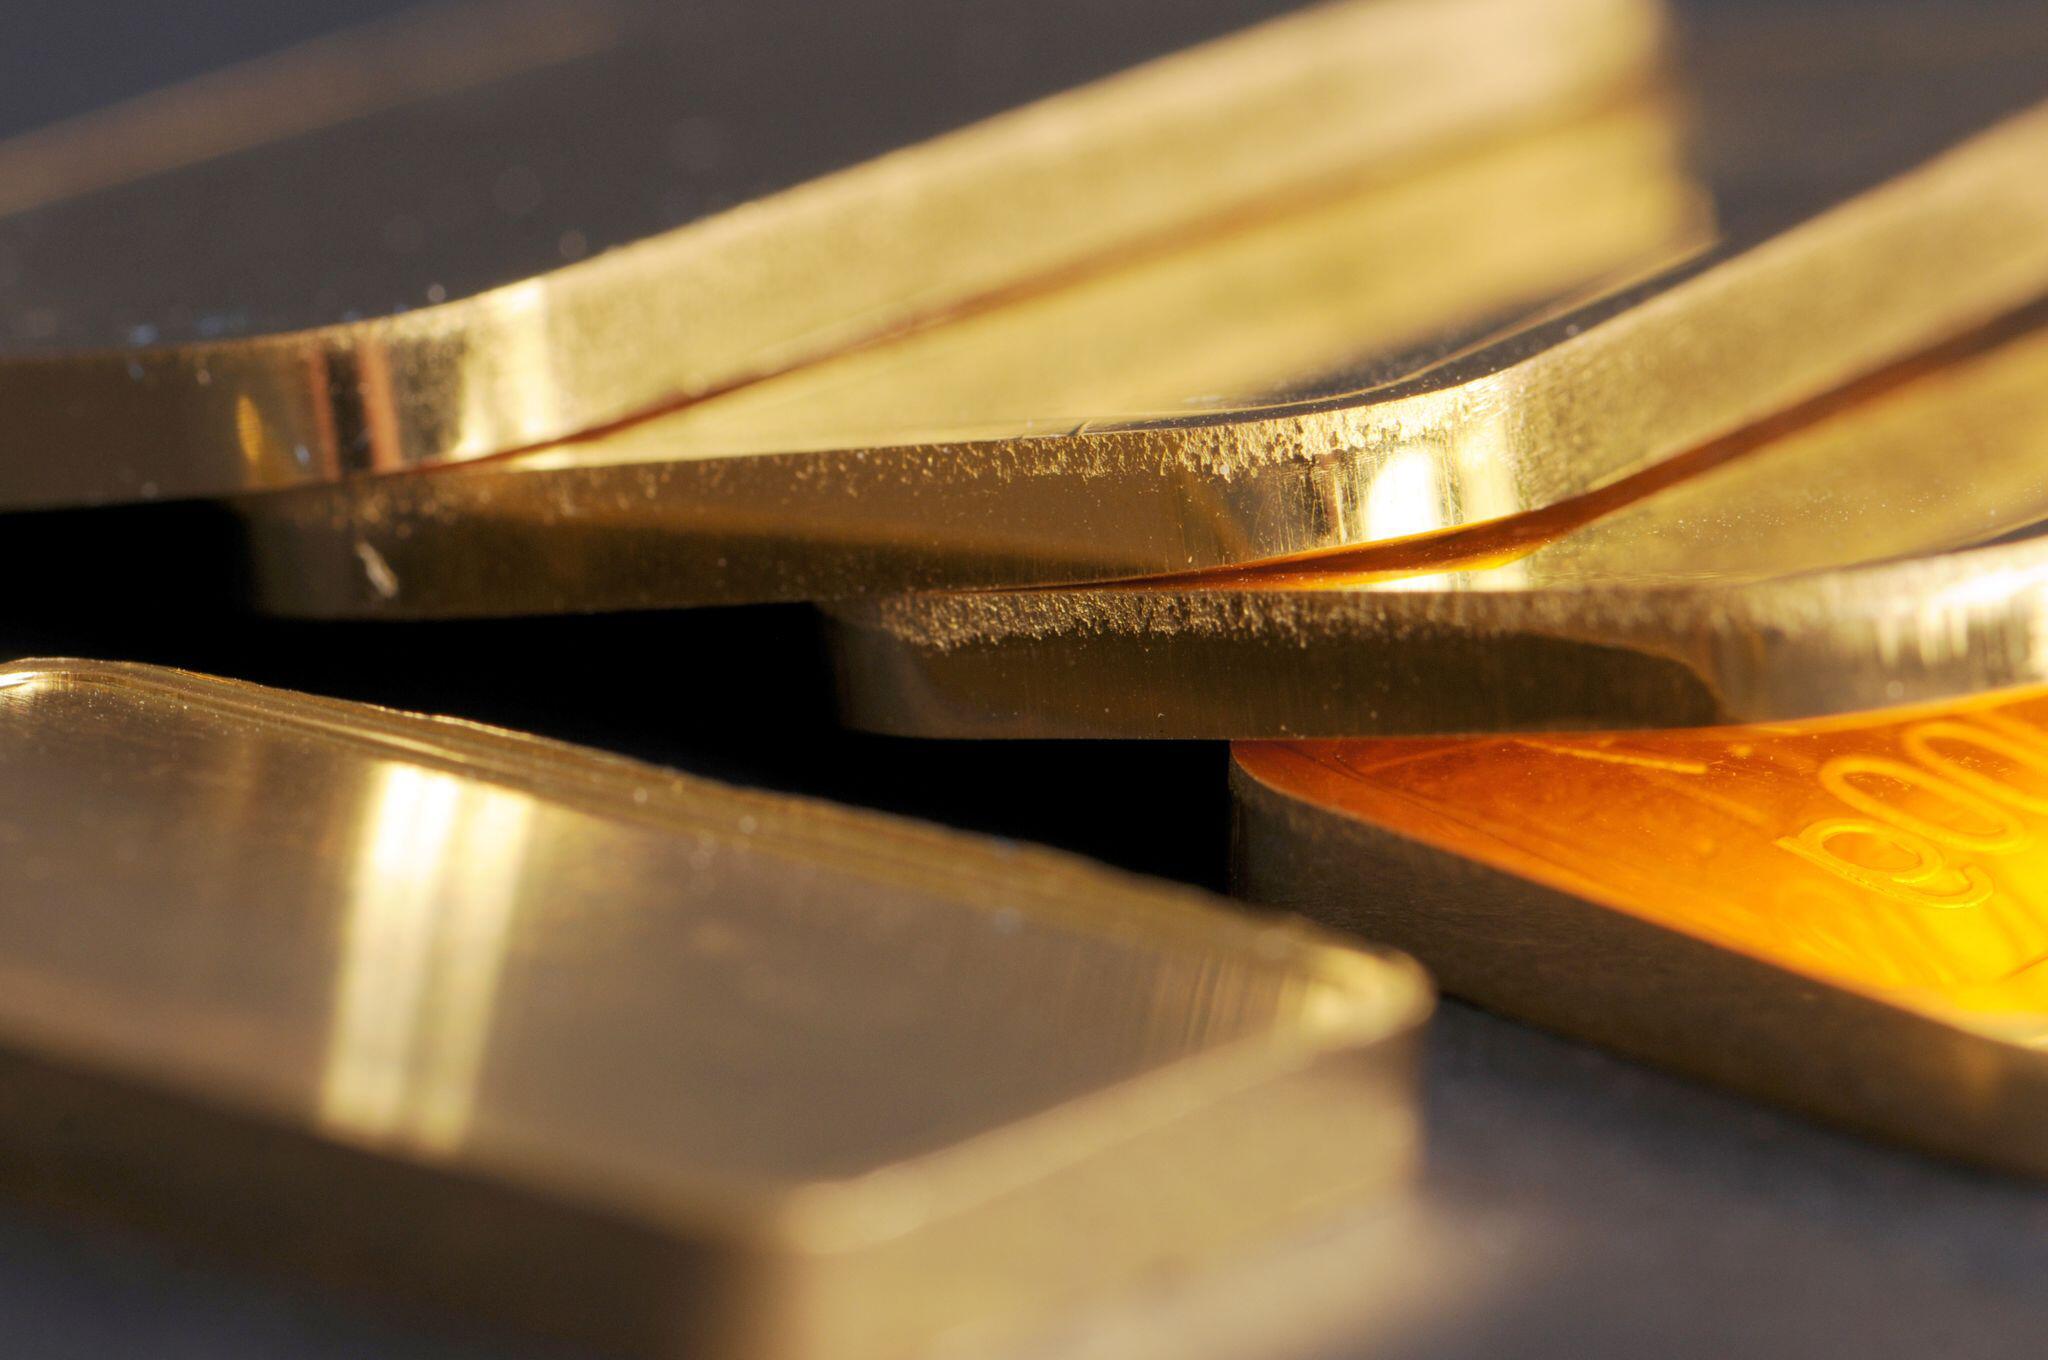 Verbraucher - Gold erreicht neuen Rekordwert